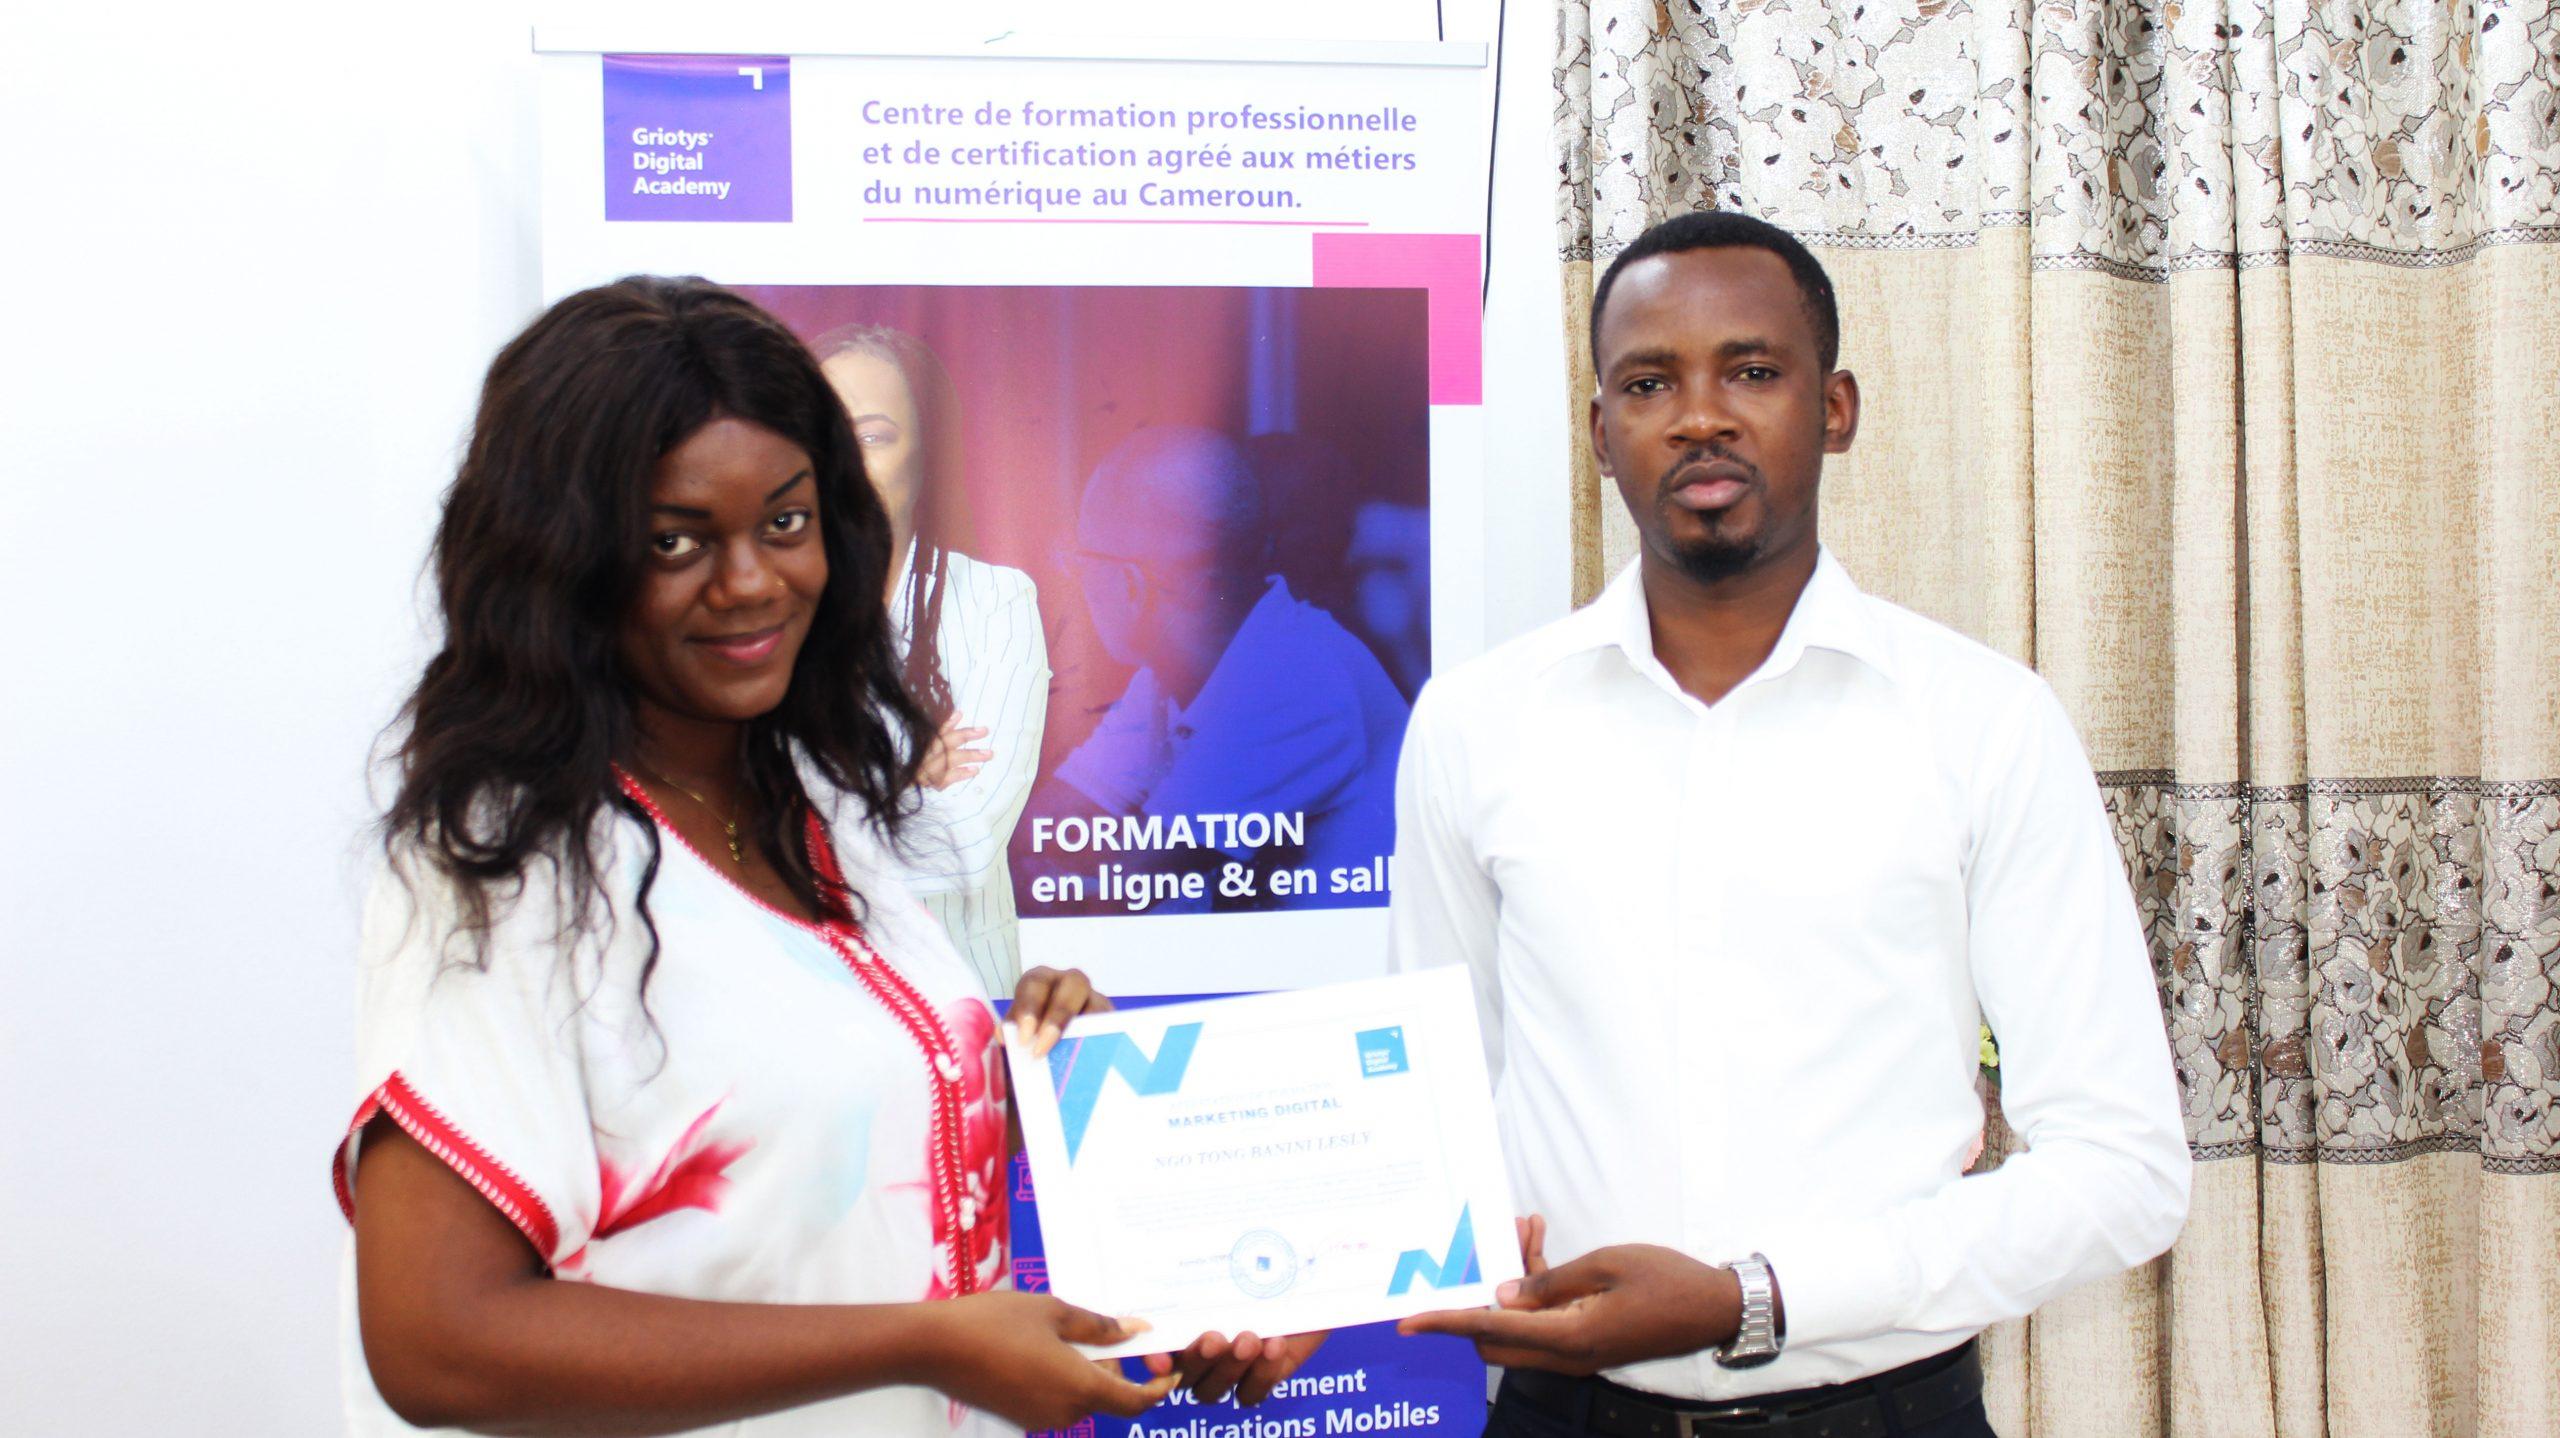 Soleil-Banini-temoignage-formation-marketing-digital-Griotys-Digital-Academy-Cameroun